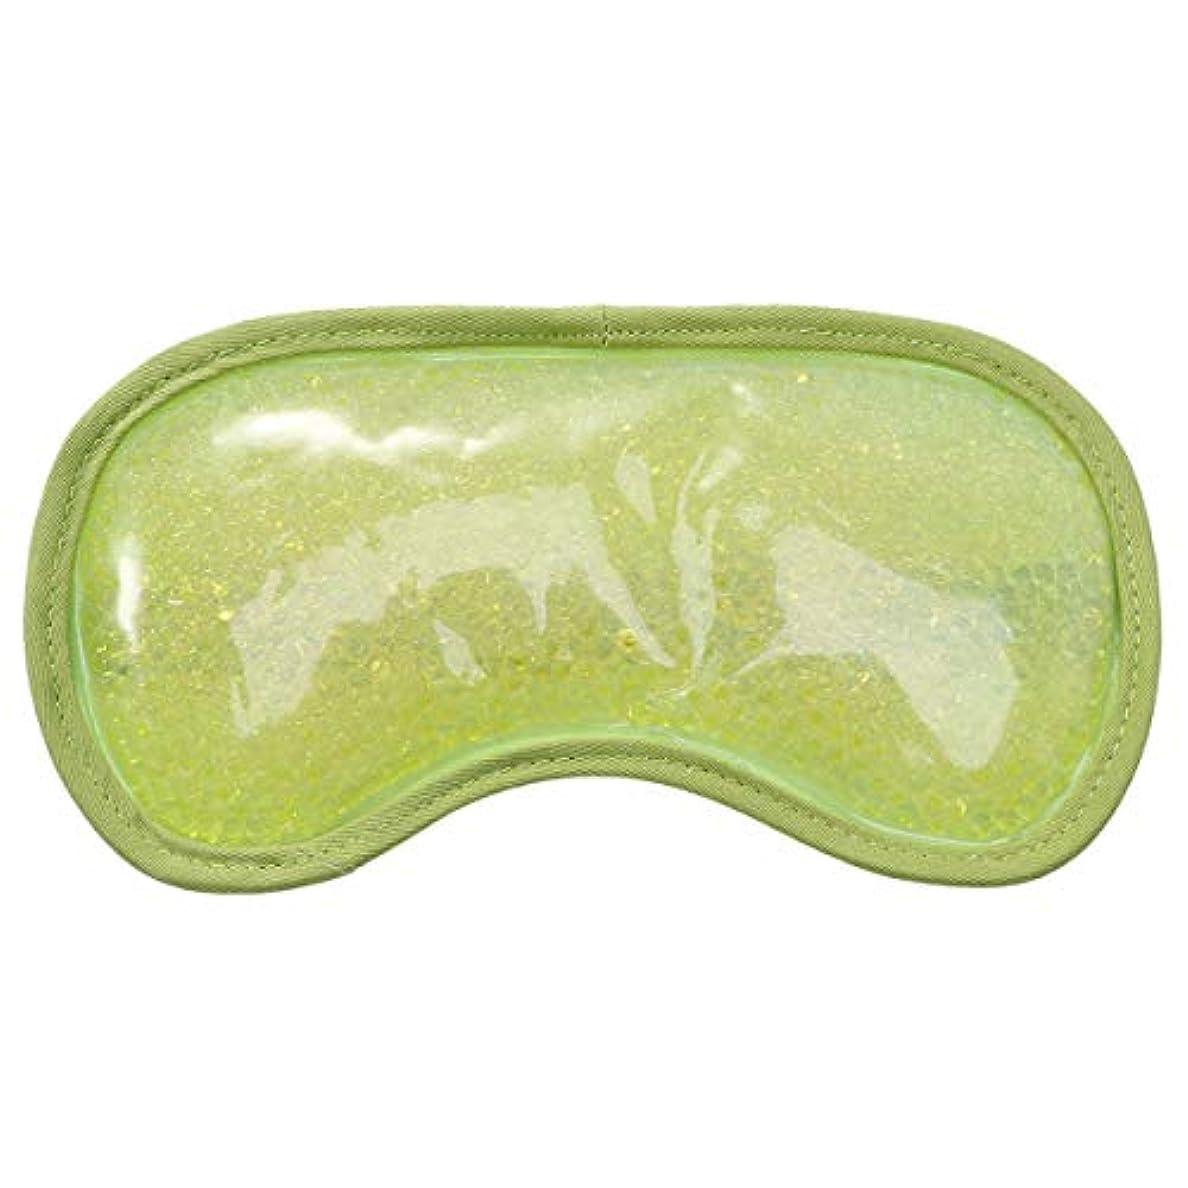 パットテレマコス維持するSUPVOX アイマスク ゲル アイスパッド アイアイスパック 温熱 ホット 冷却 パック 再使用可能 目の疲れ軽減 安眠 血行促進(緑)